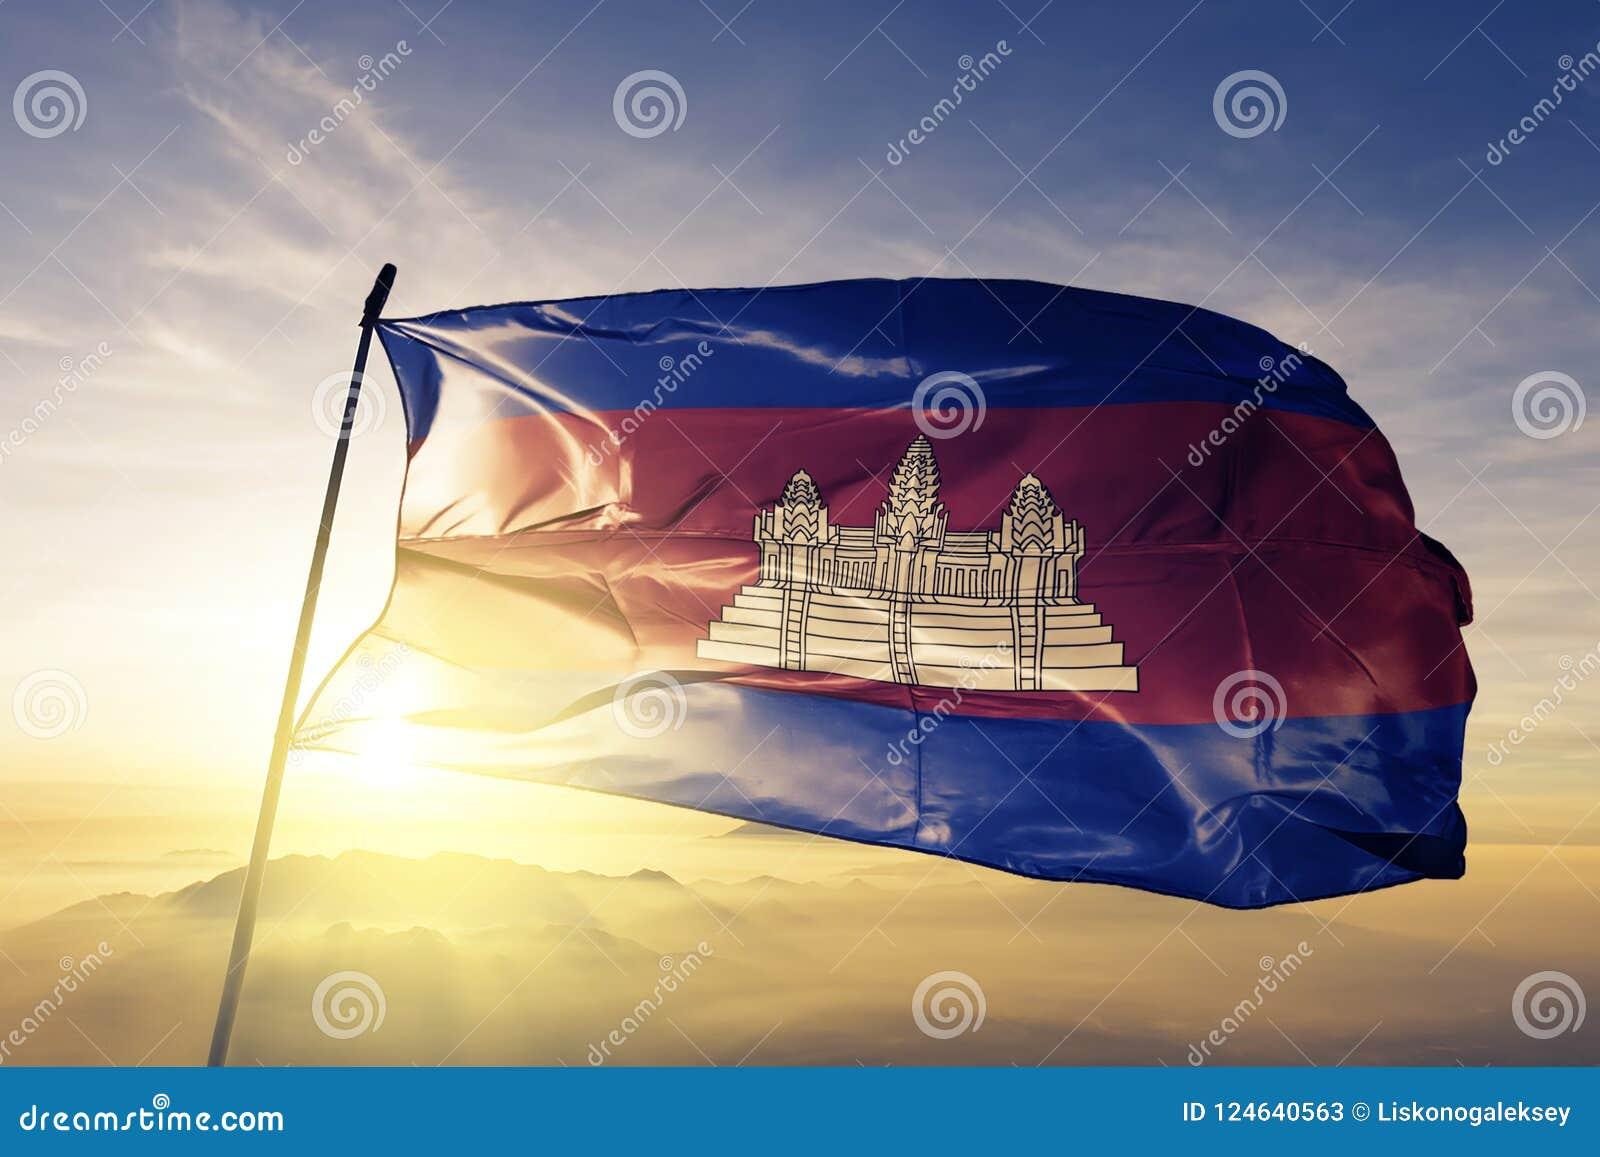 柬埔寨国旗纺织品挥动在上面的布料织品